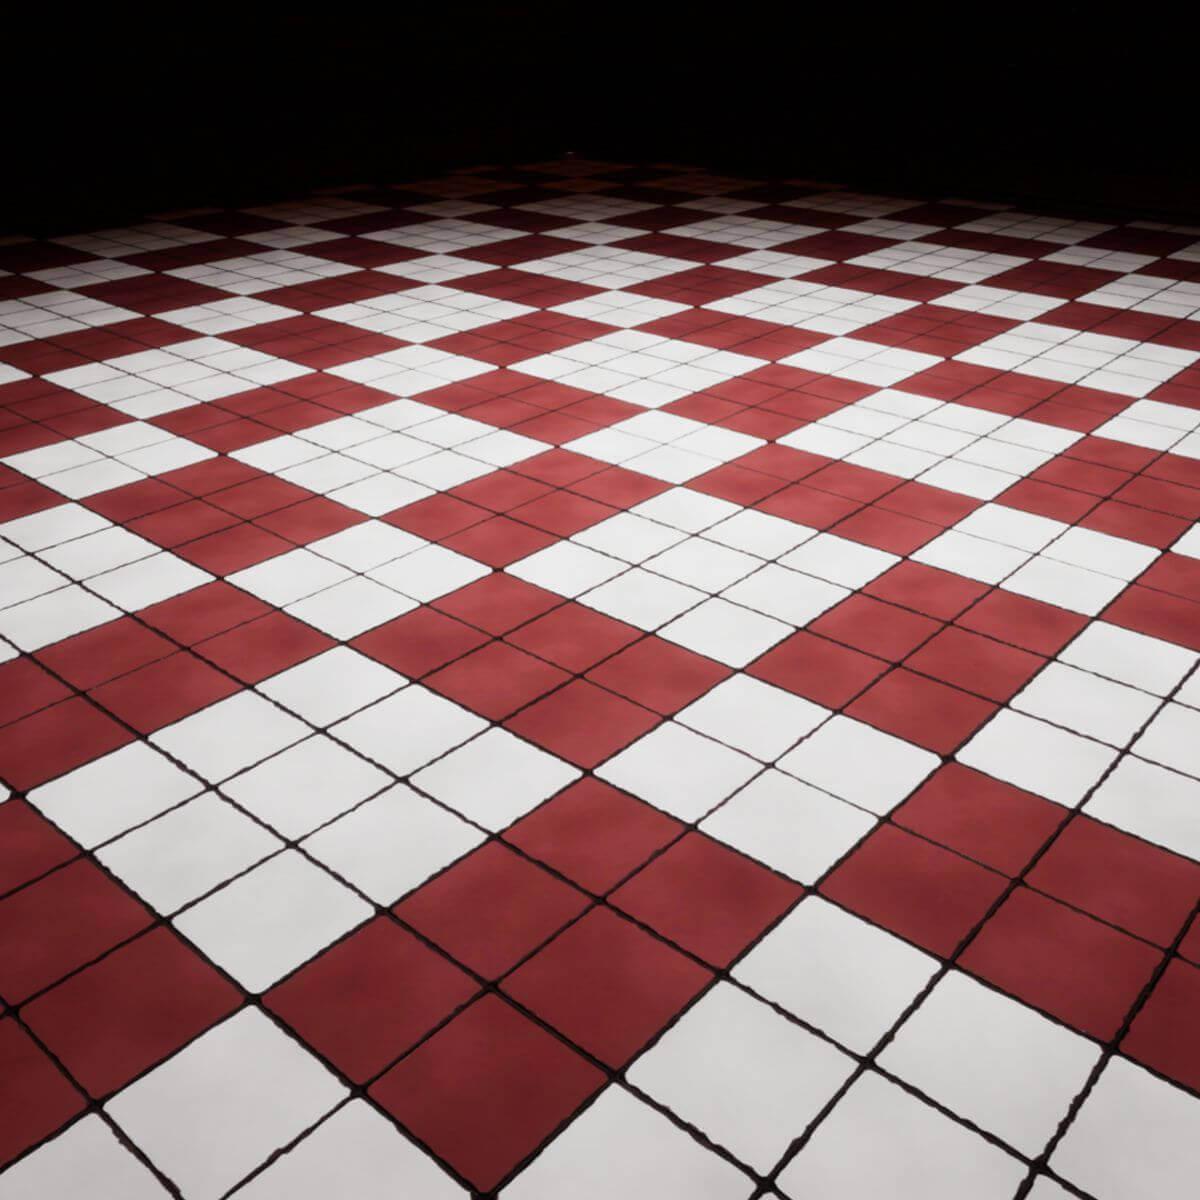 White Tiles Seamless Texture